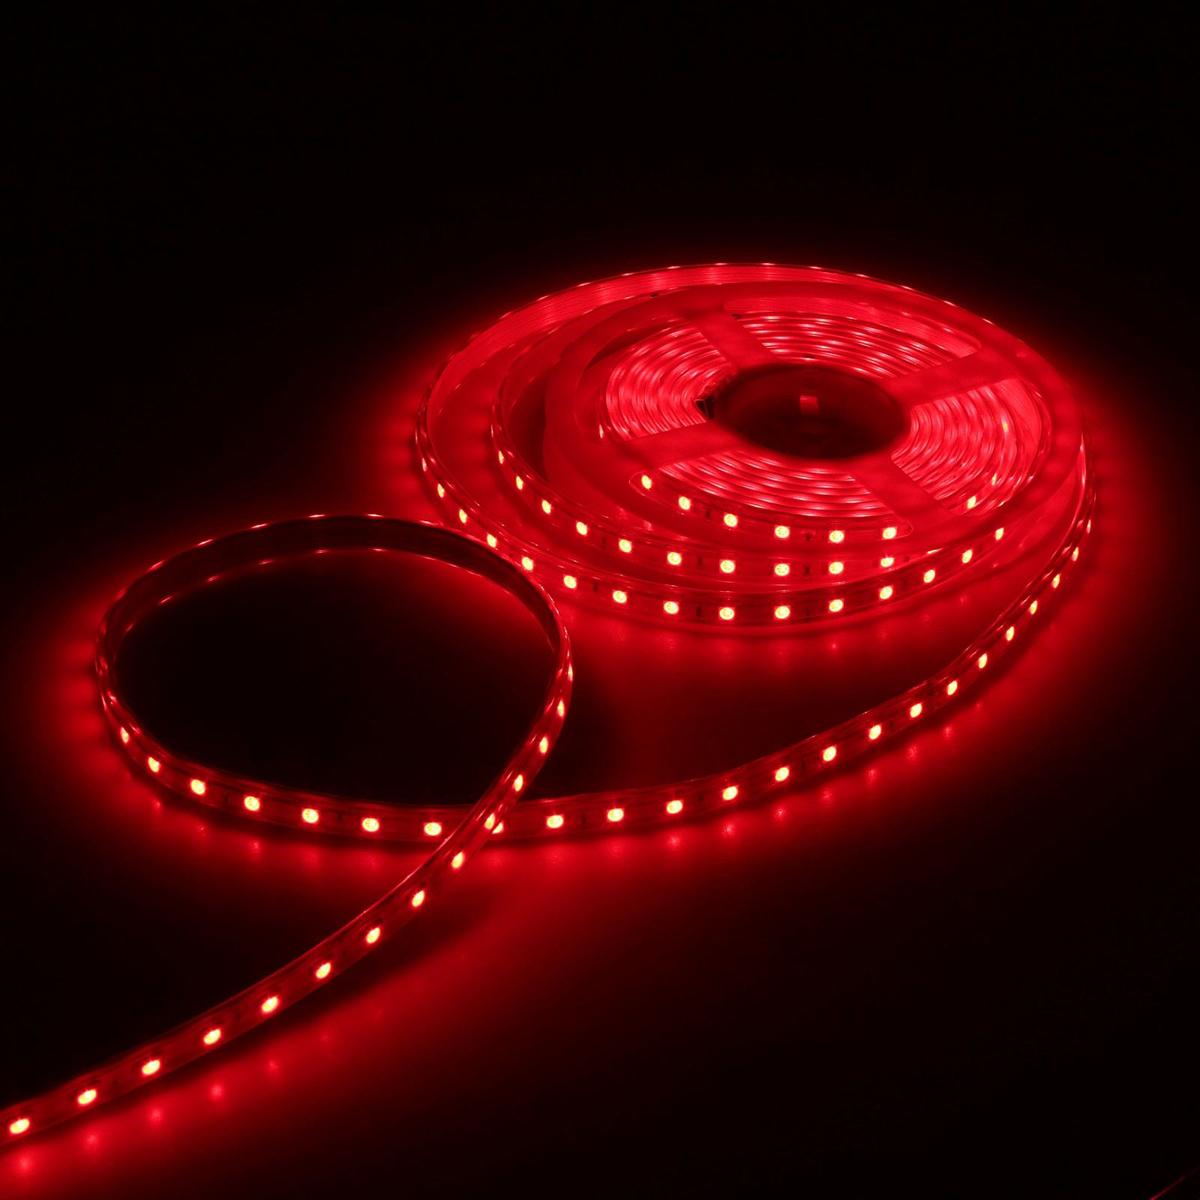 Светодиодная лента Luazon, 220В, SMD5050, длина 5 м, IP65, 60 LED ламп, 11 Вт/м, 16-18 Лм/1 LED, AC, цвет: красный883970Светодиодные гирлянды, ленты и т.д — это отличный вариант для новогоднего оформления интерьера или фасада. С их помощью помещение любого размера можно превратить в праздничный зал, а внешние элементы зданий, украшенные ими, мгновенно станут напоминать очертания сказочного дворца. Такие украшения создают ауру предвкушения чуда. Деревья, фасады, витрины, окна и арки будто специально созданы, чтобы вы украсили их светящимися нитями.